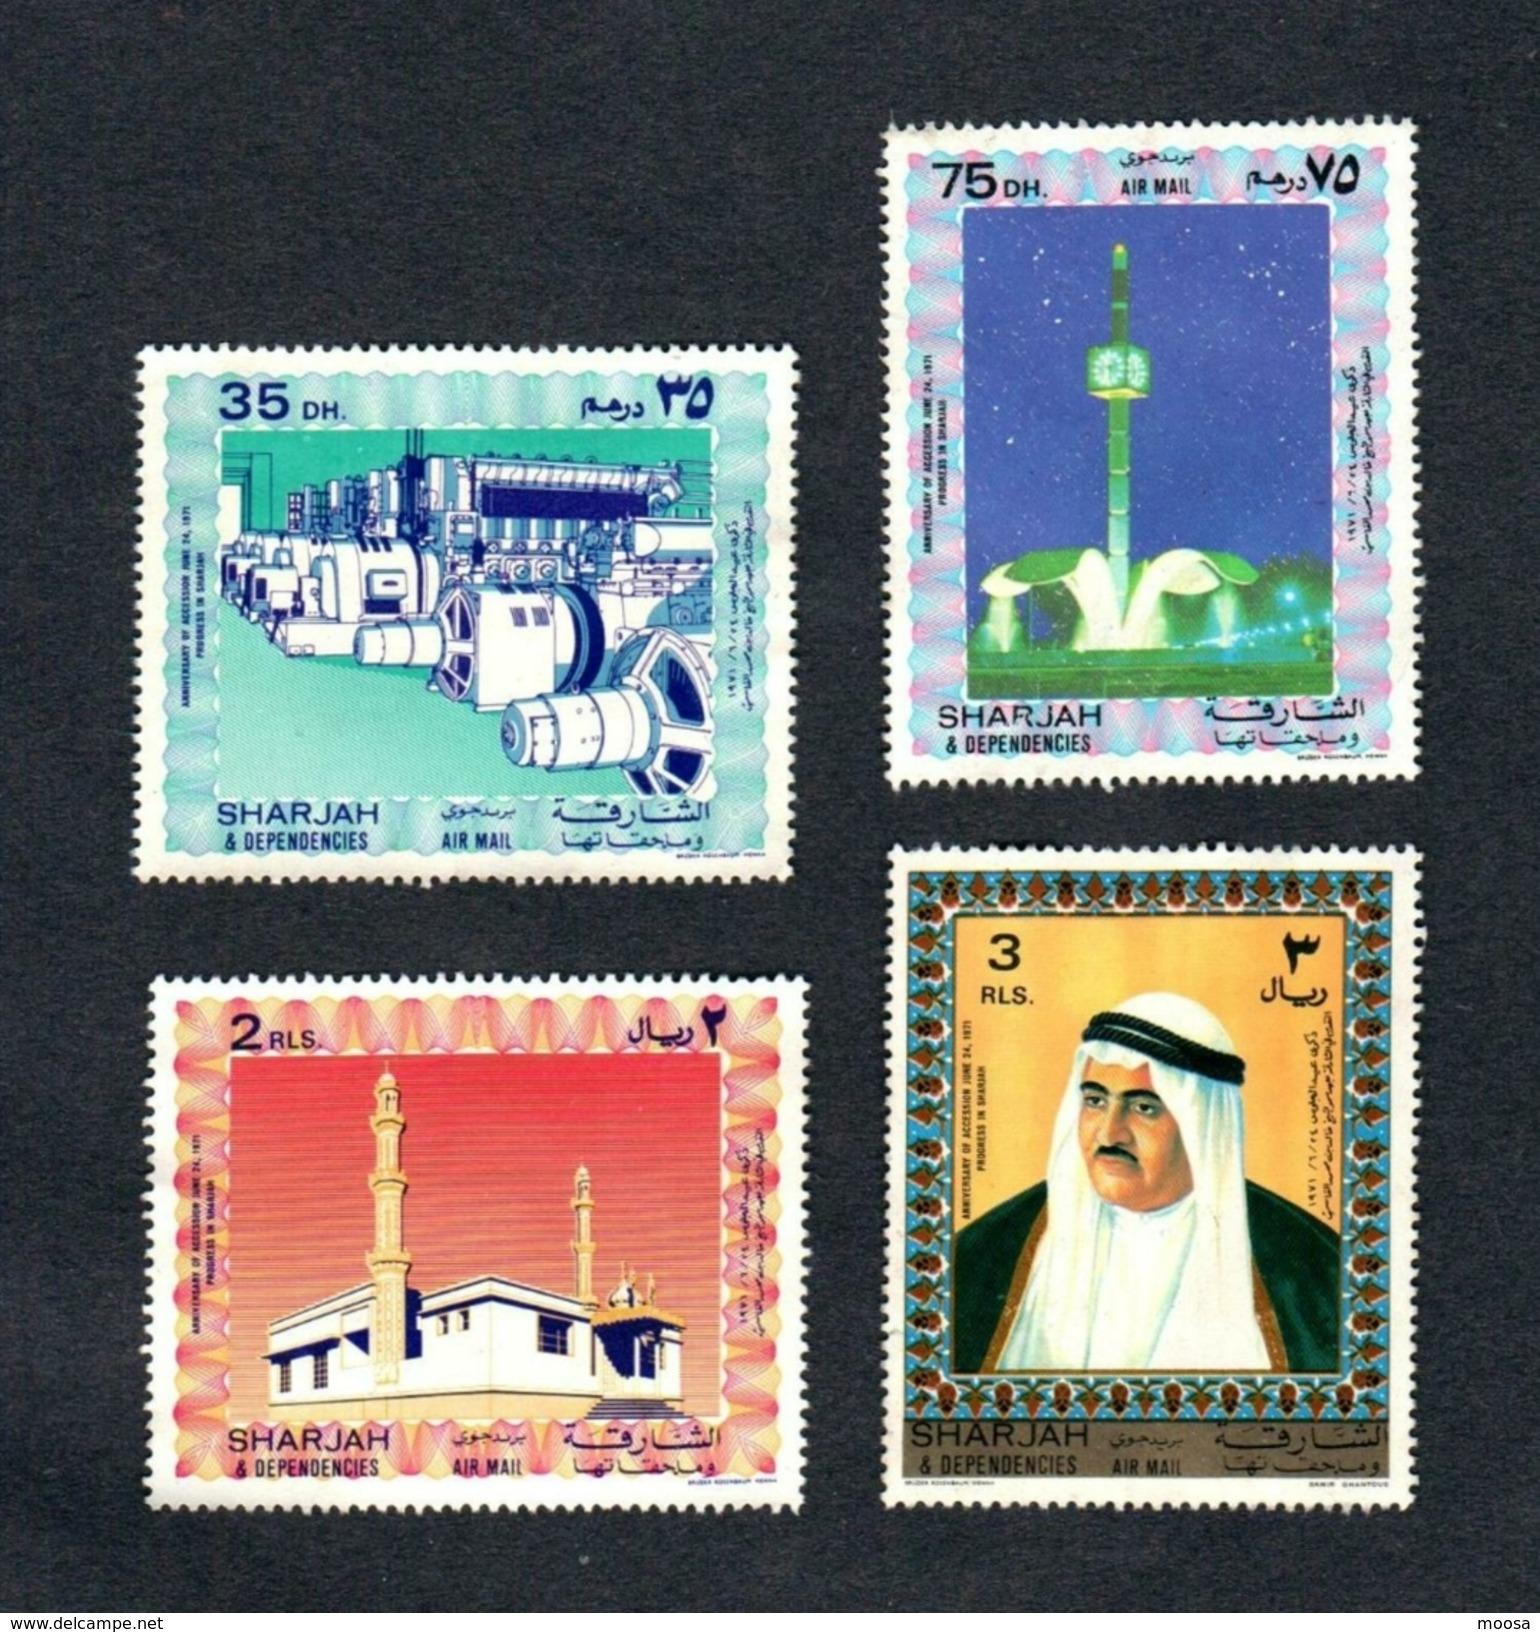 Sheikh Khalid And Modernization1971, Set Of 4 Unused Stamps - Sharjah